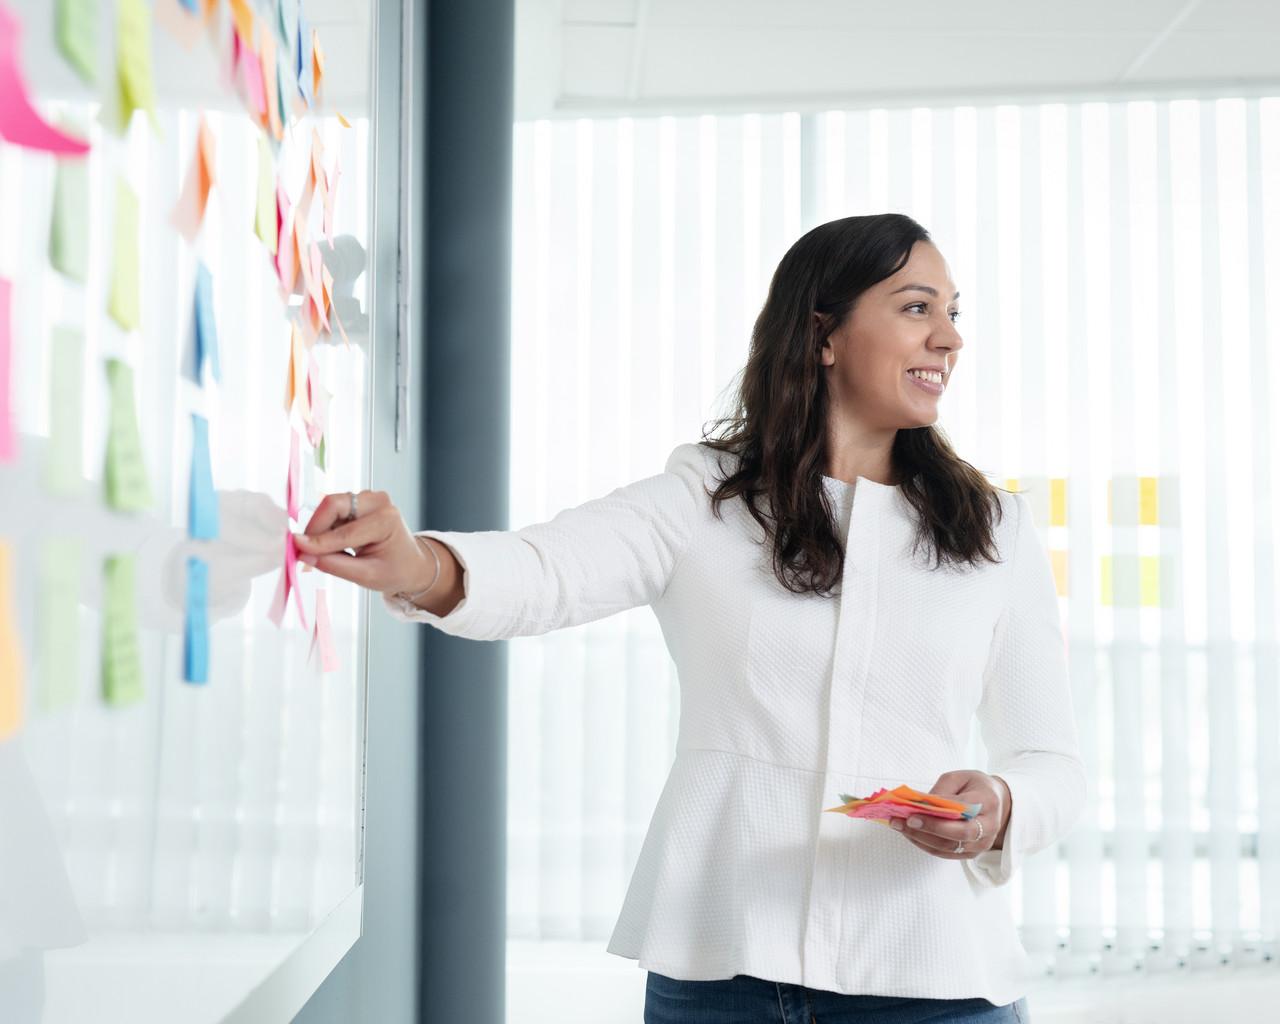 Visma Consulting sine tips til å holde en god presentasjon